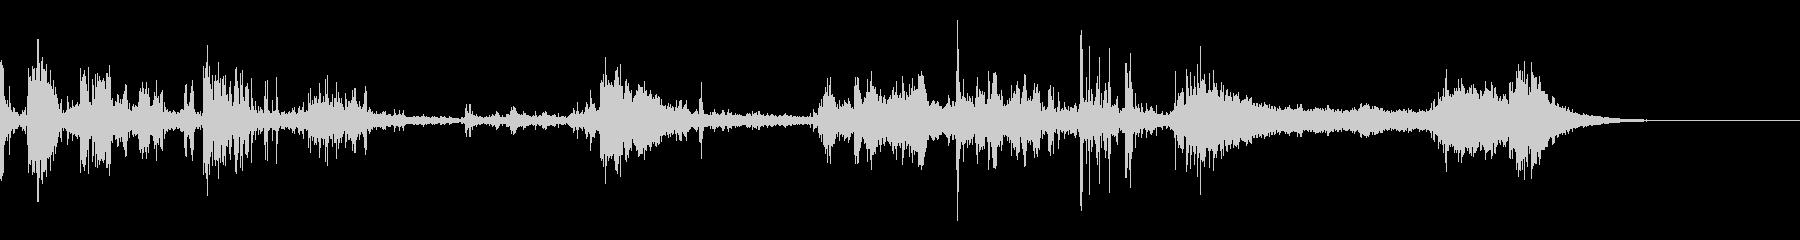 カミナリ(遠雷)-37の未再生の波形